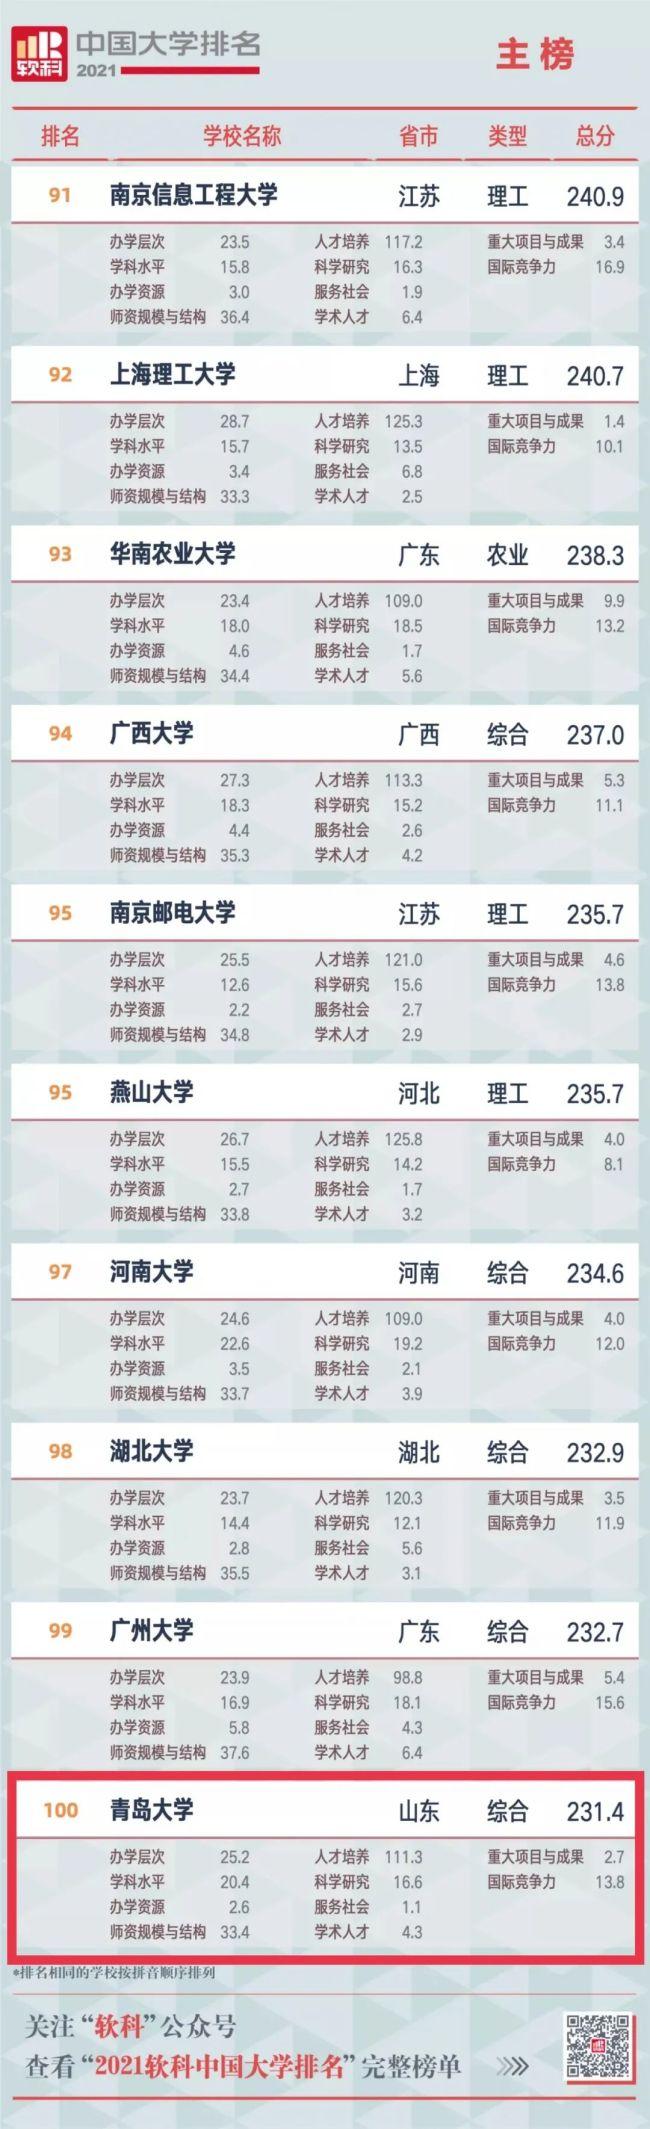 """""""2021软科中国大学排名""""发布,青岛大学首次跻身百强"""